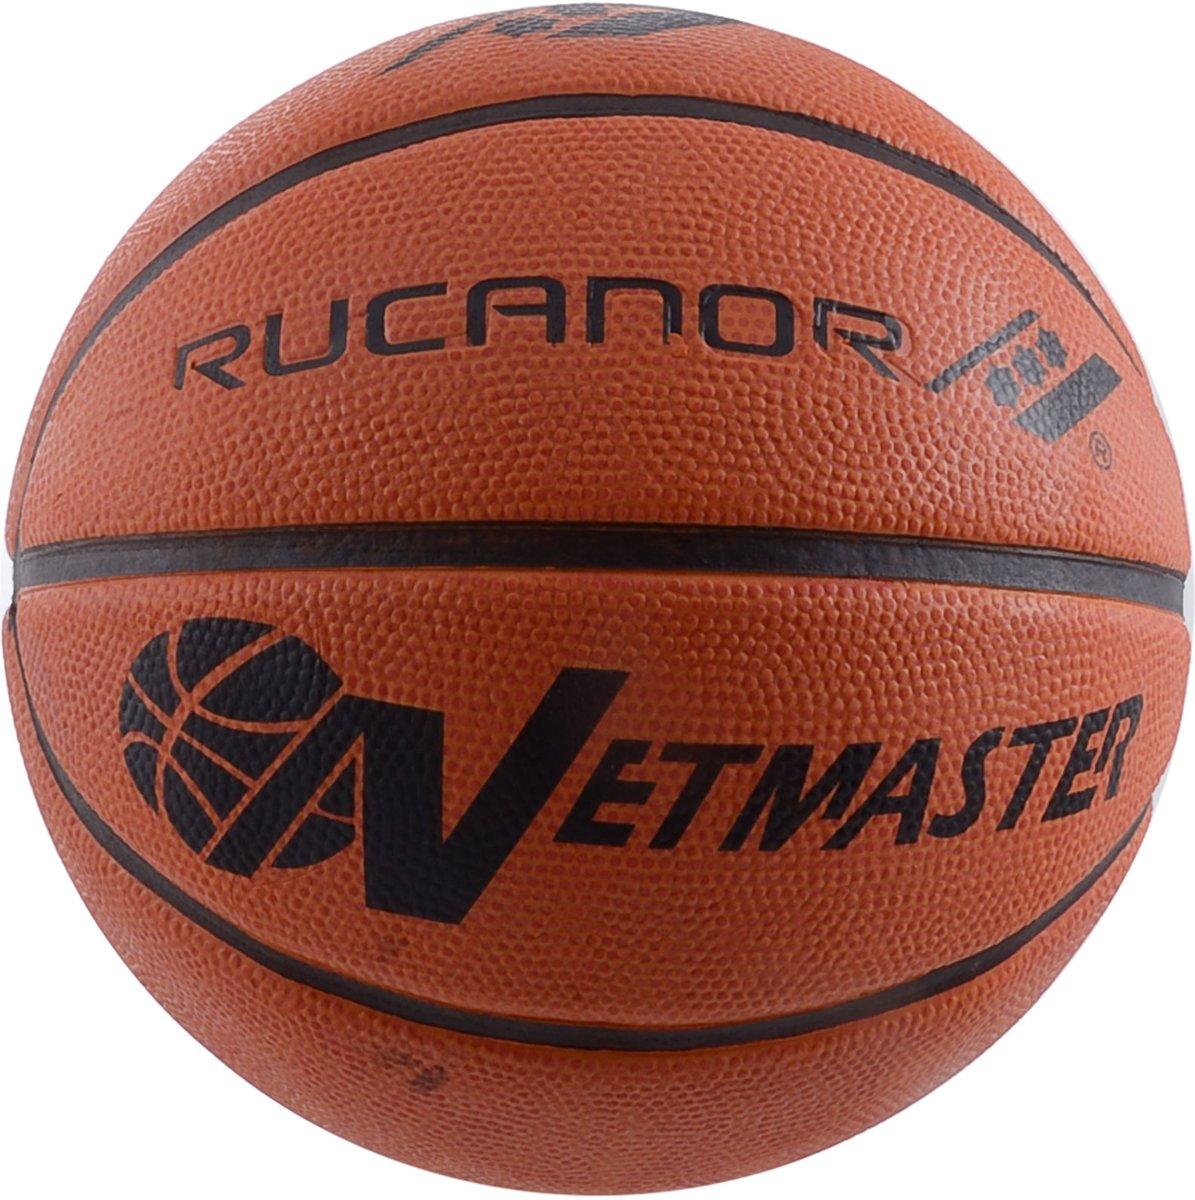 Rucanor Basketball-07-Wit kopen